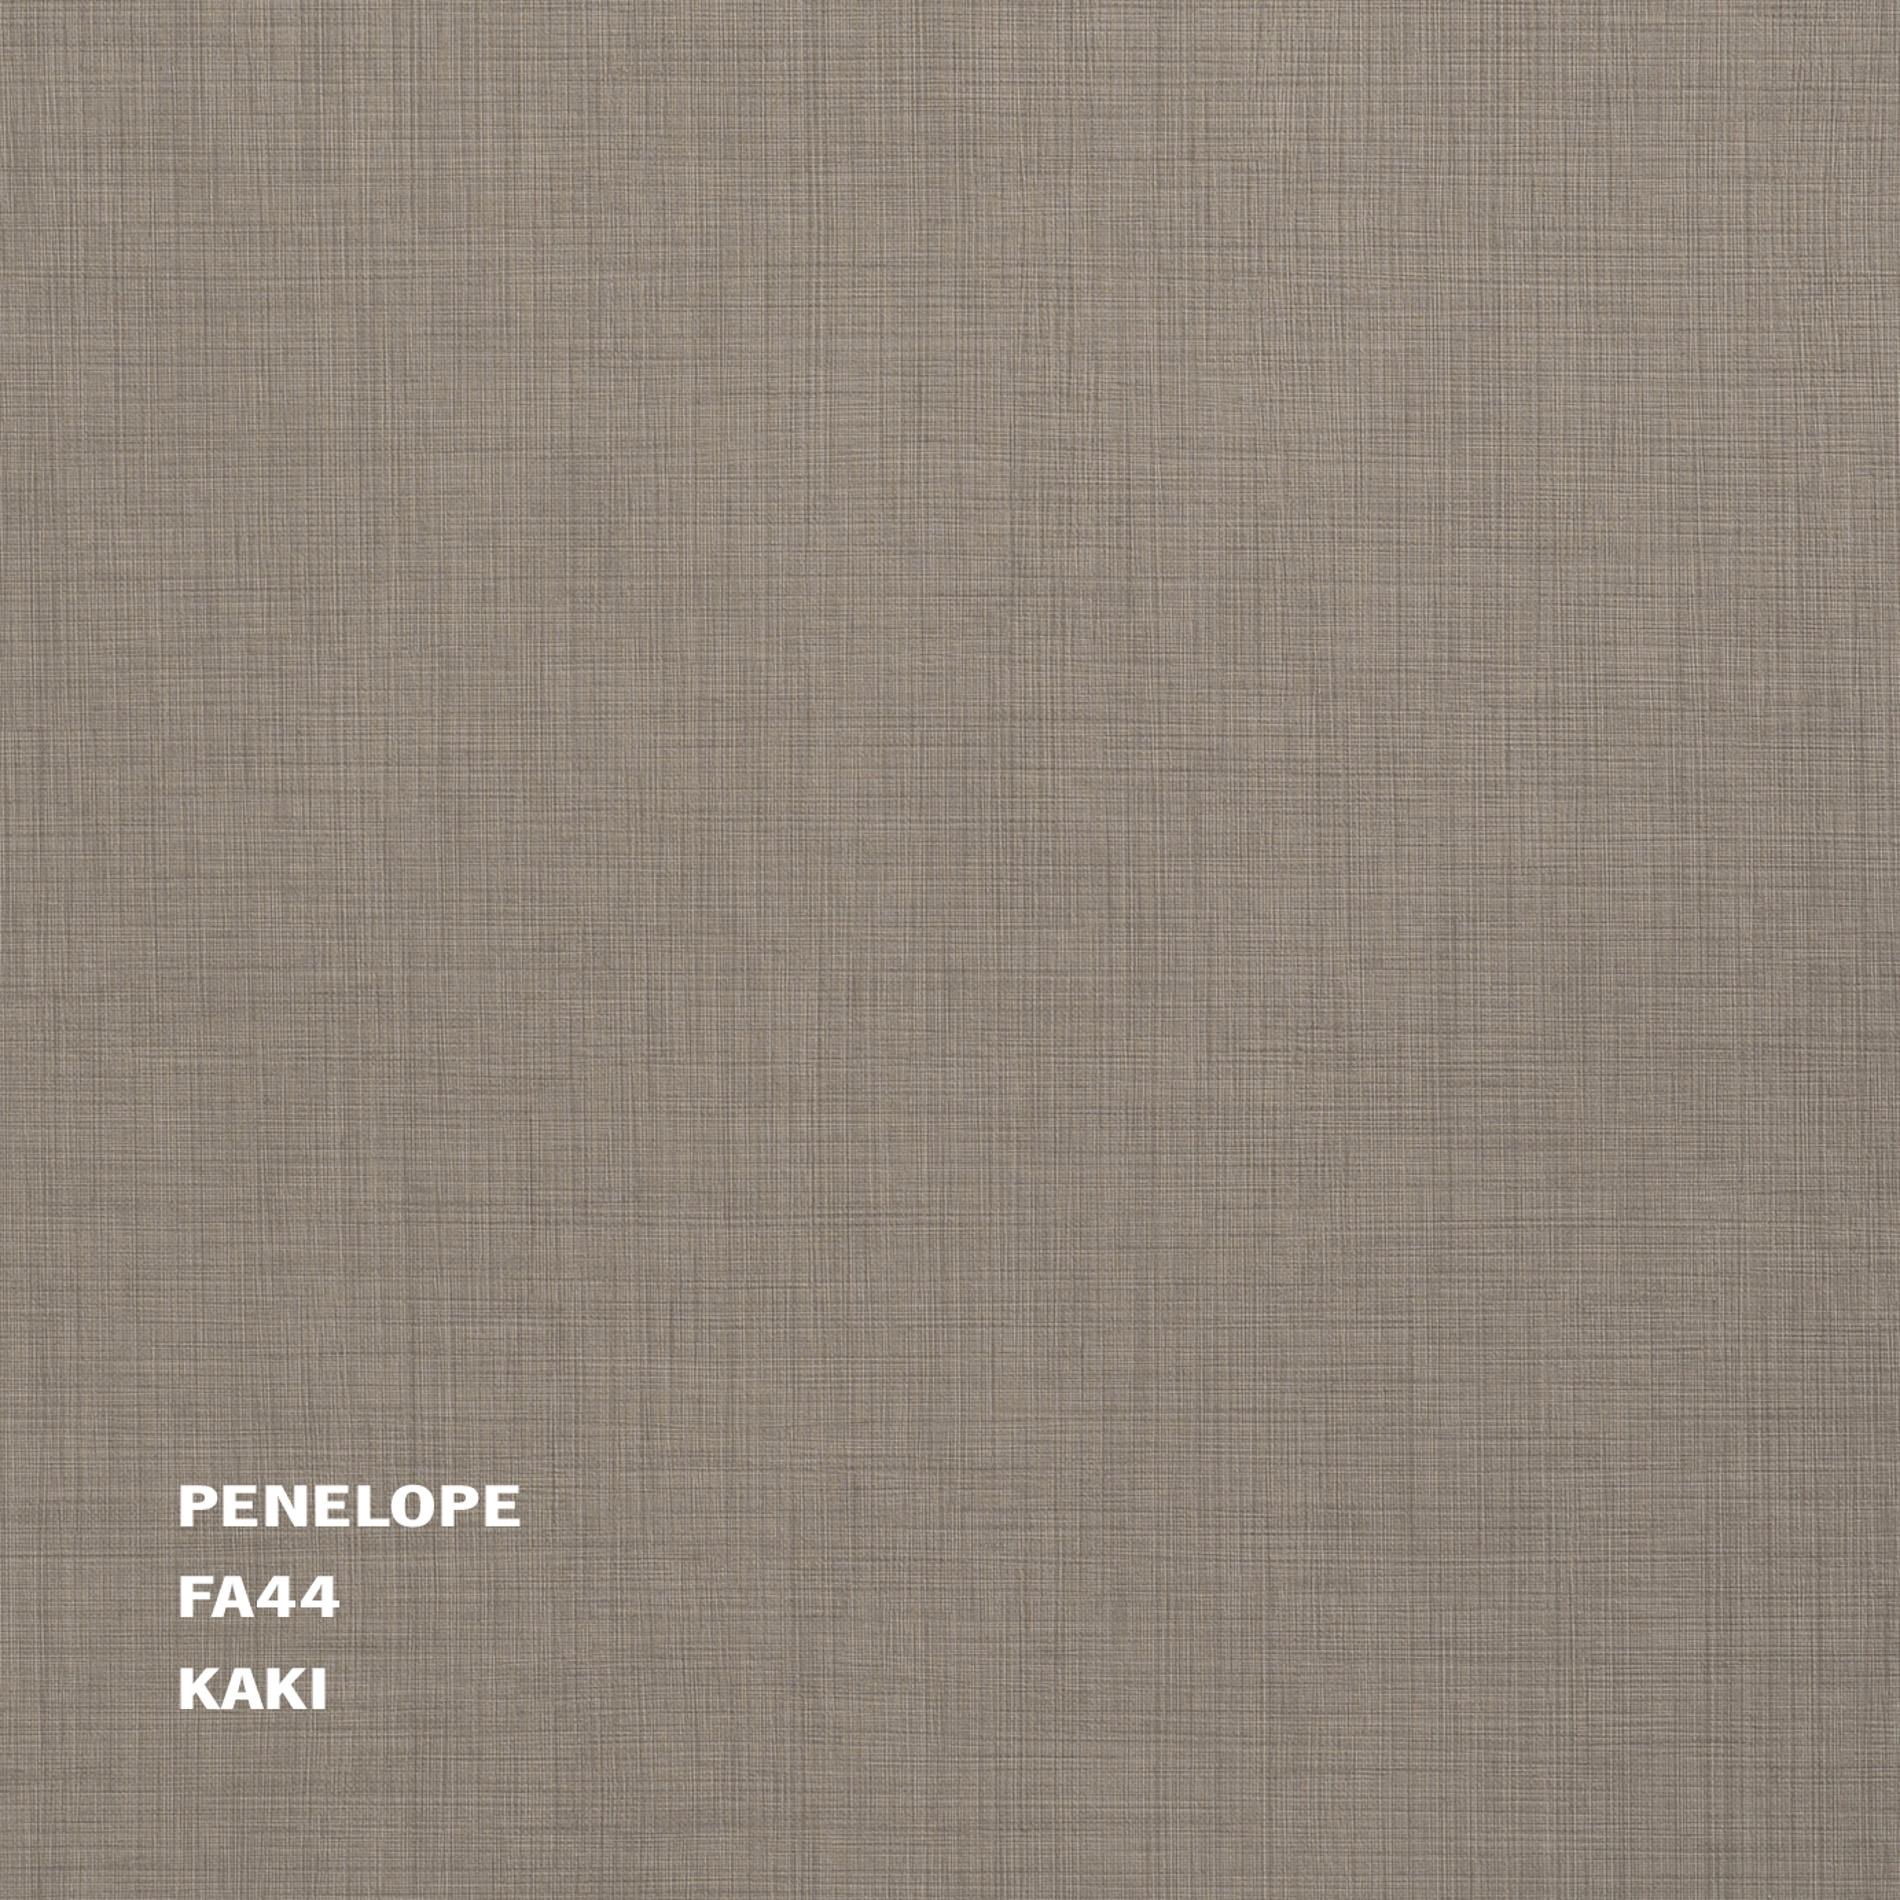 penelope_fa44